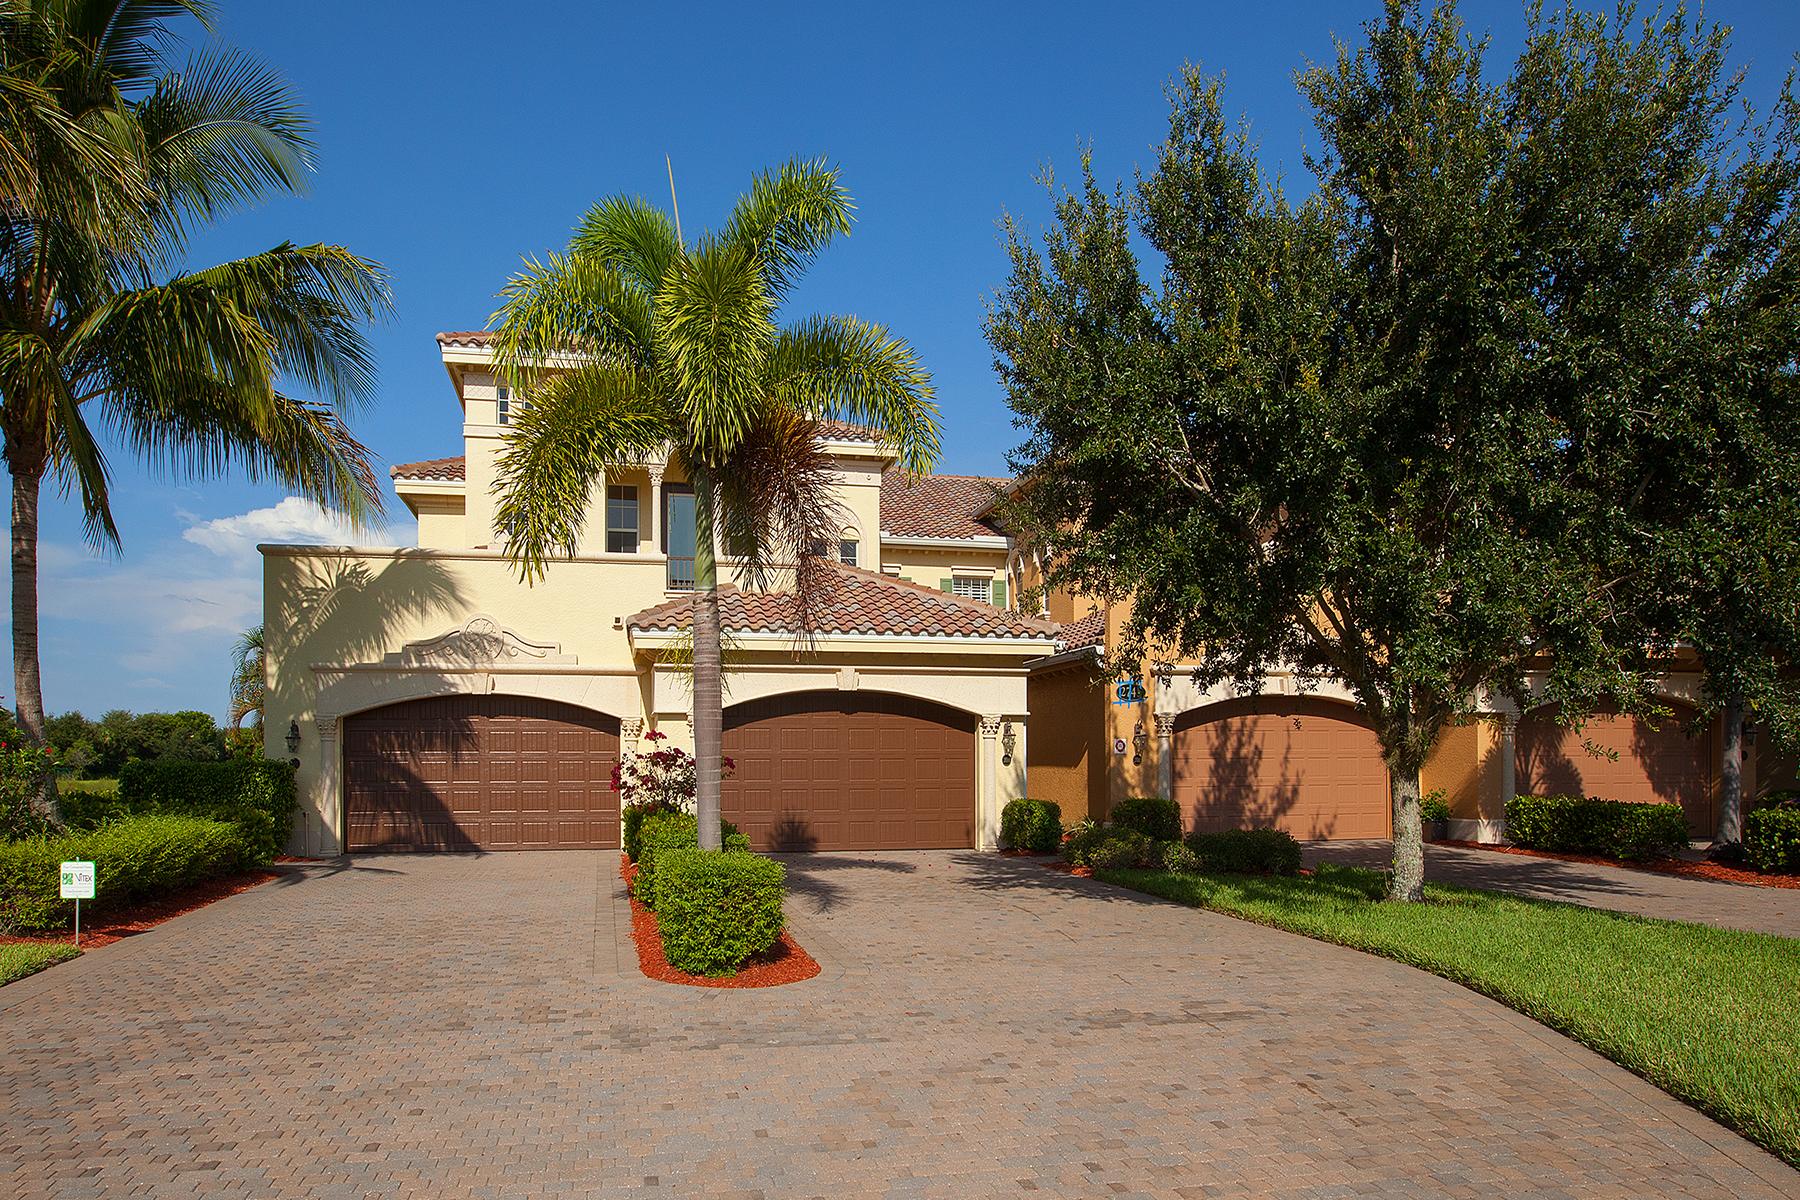 Condomínio para Venda às FIDDLER'S CREEK - CALLISTA 2745 Callista Mar Way 6-201 Naples, Florida 34114 Estados Unidos